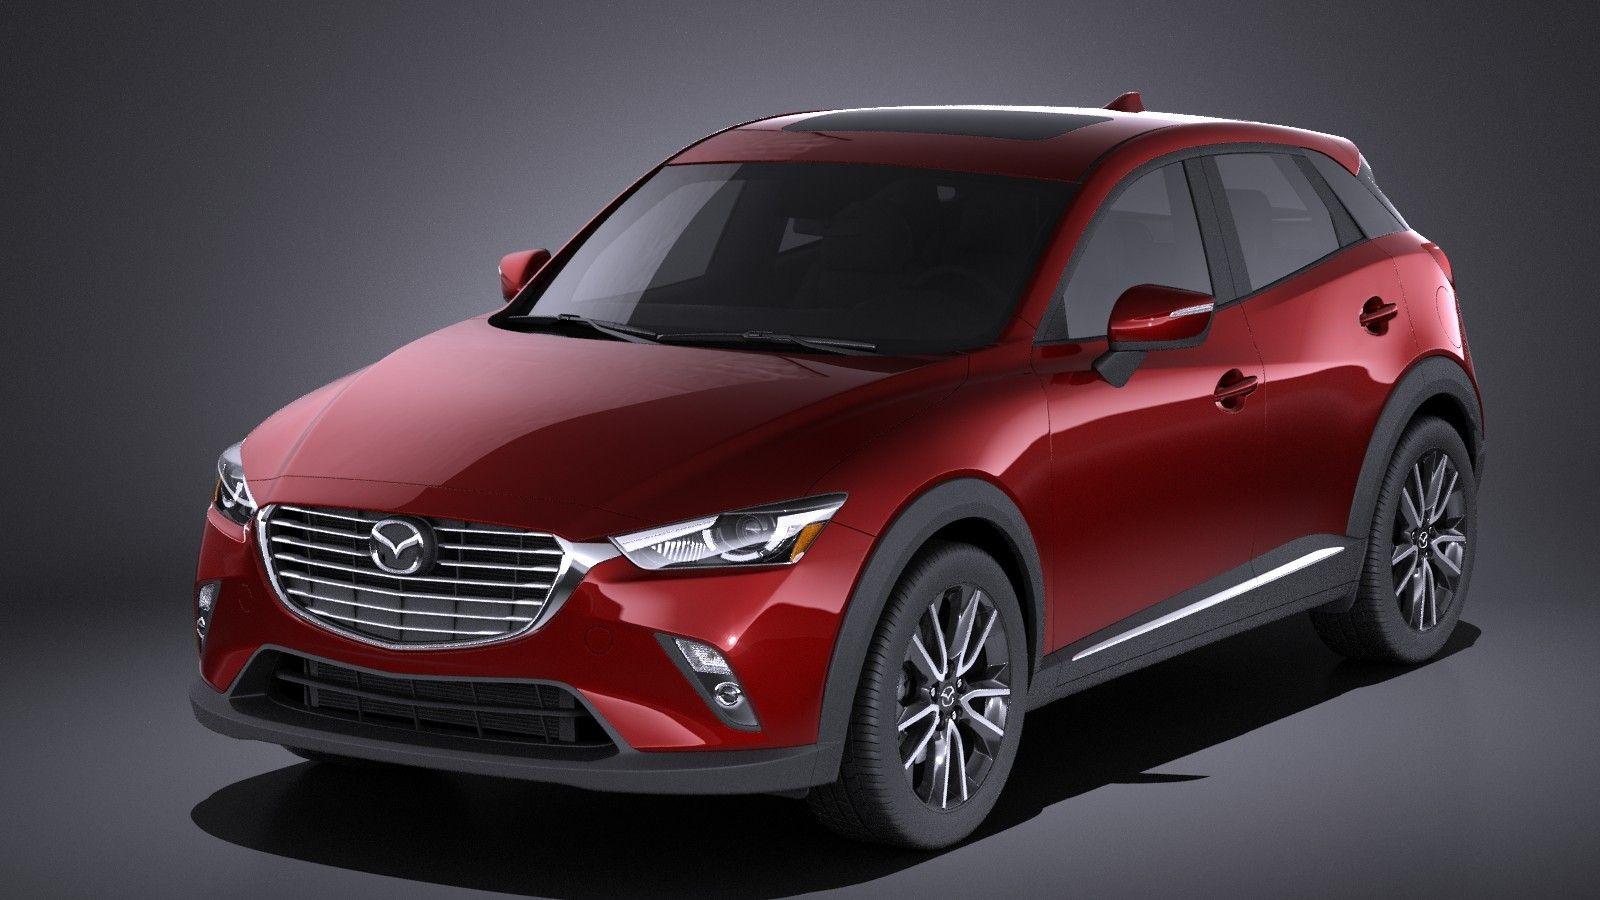 Mazda 2017 Cx 3 3d Max 3d Model Mazda Mazda Cx3 Mazda Cx3 2017